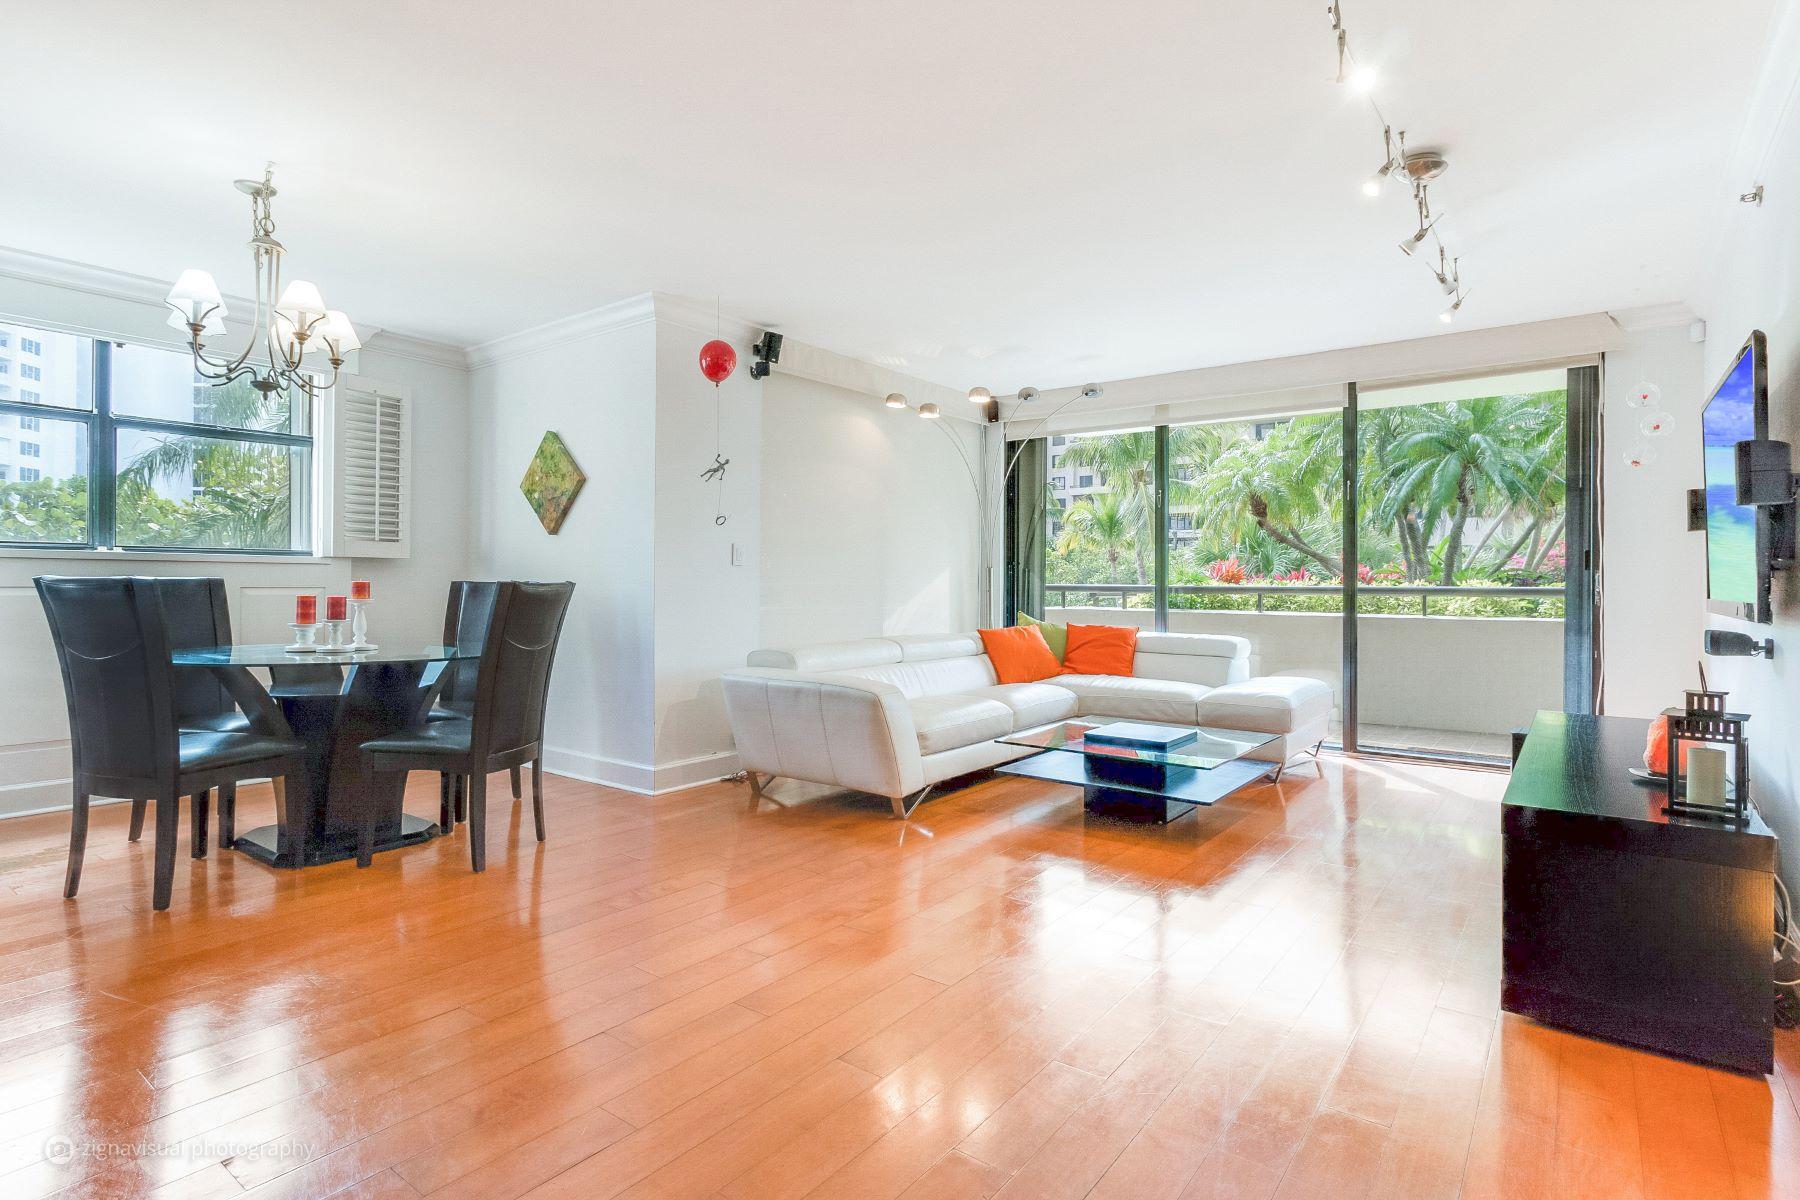 Eigentumswohnung für Verkauf beim 170 Ocean Lane Dr #312 170 Ocean Lane Dr 312 Key Biscayne, Florida, 33149 Vereinigte Staaten